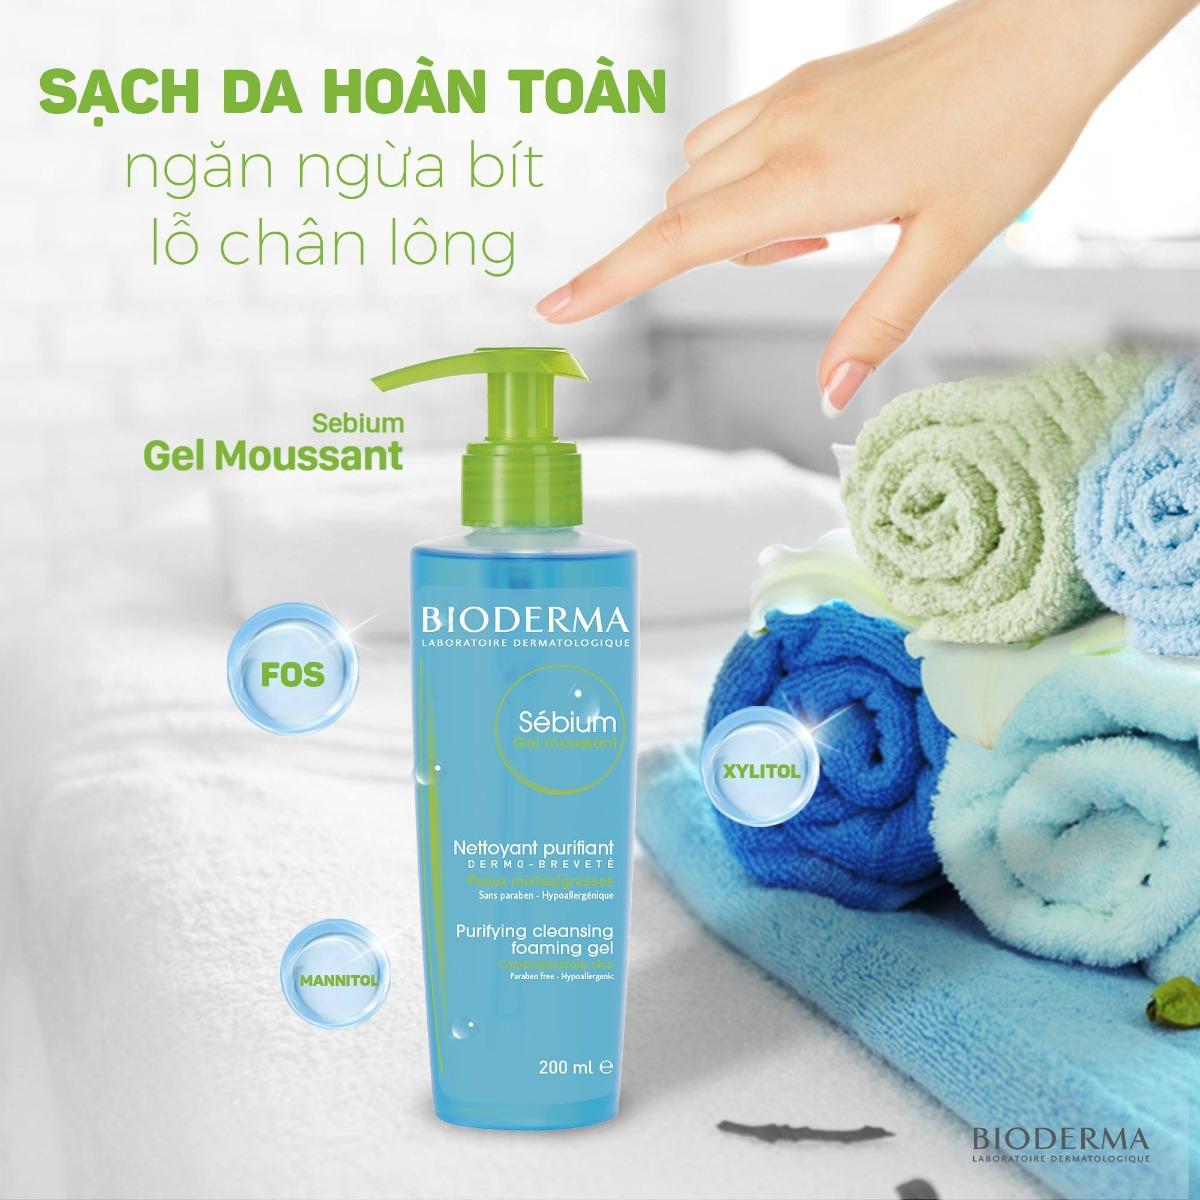 Gel Rửa Mặt Bioderma Sébium Gel Moussant giảm bít tắc lỗ chân lông, điều tiết bã nhờn và ngăn ngừa mụn hiệu quả.